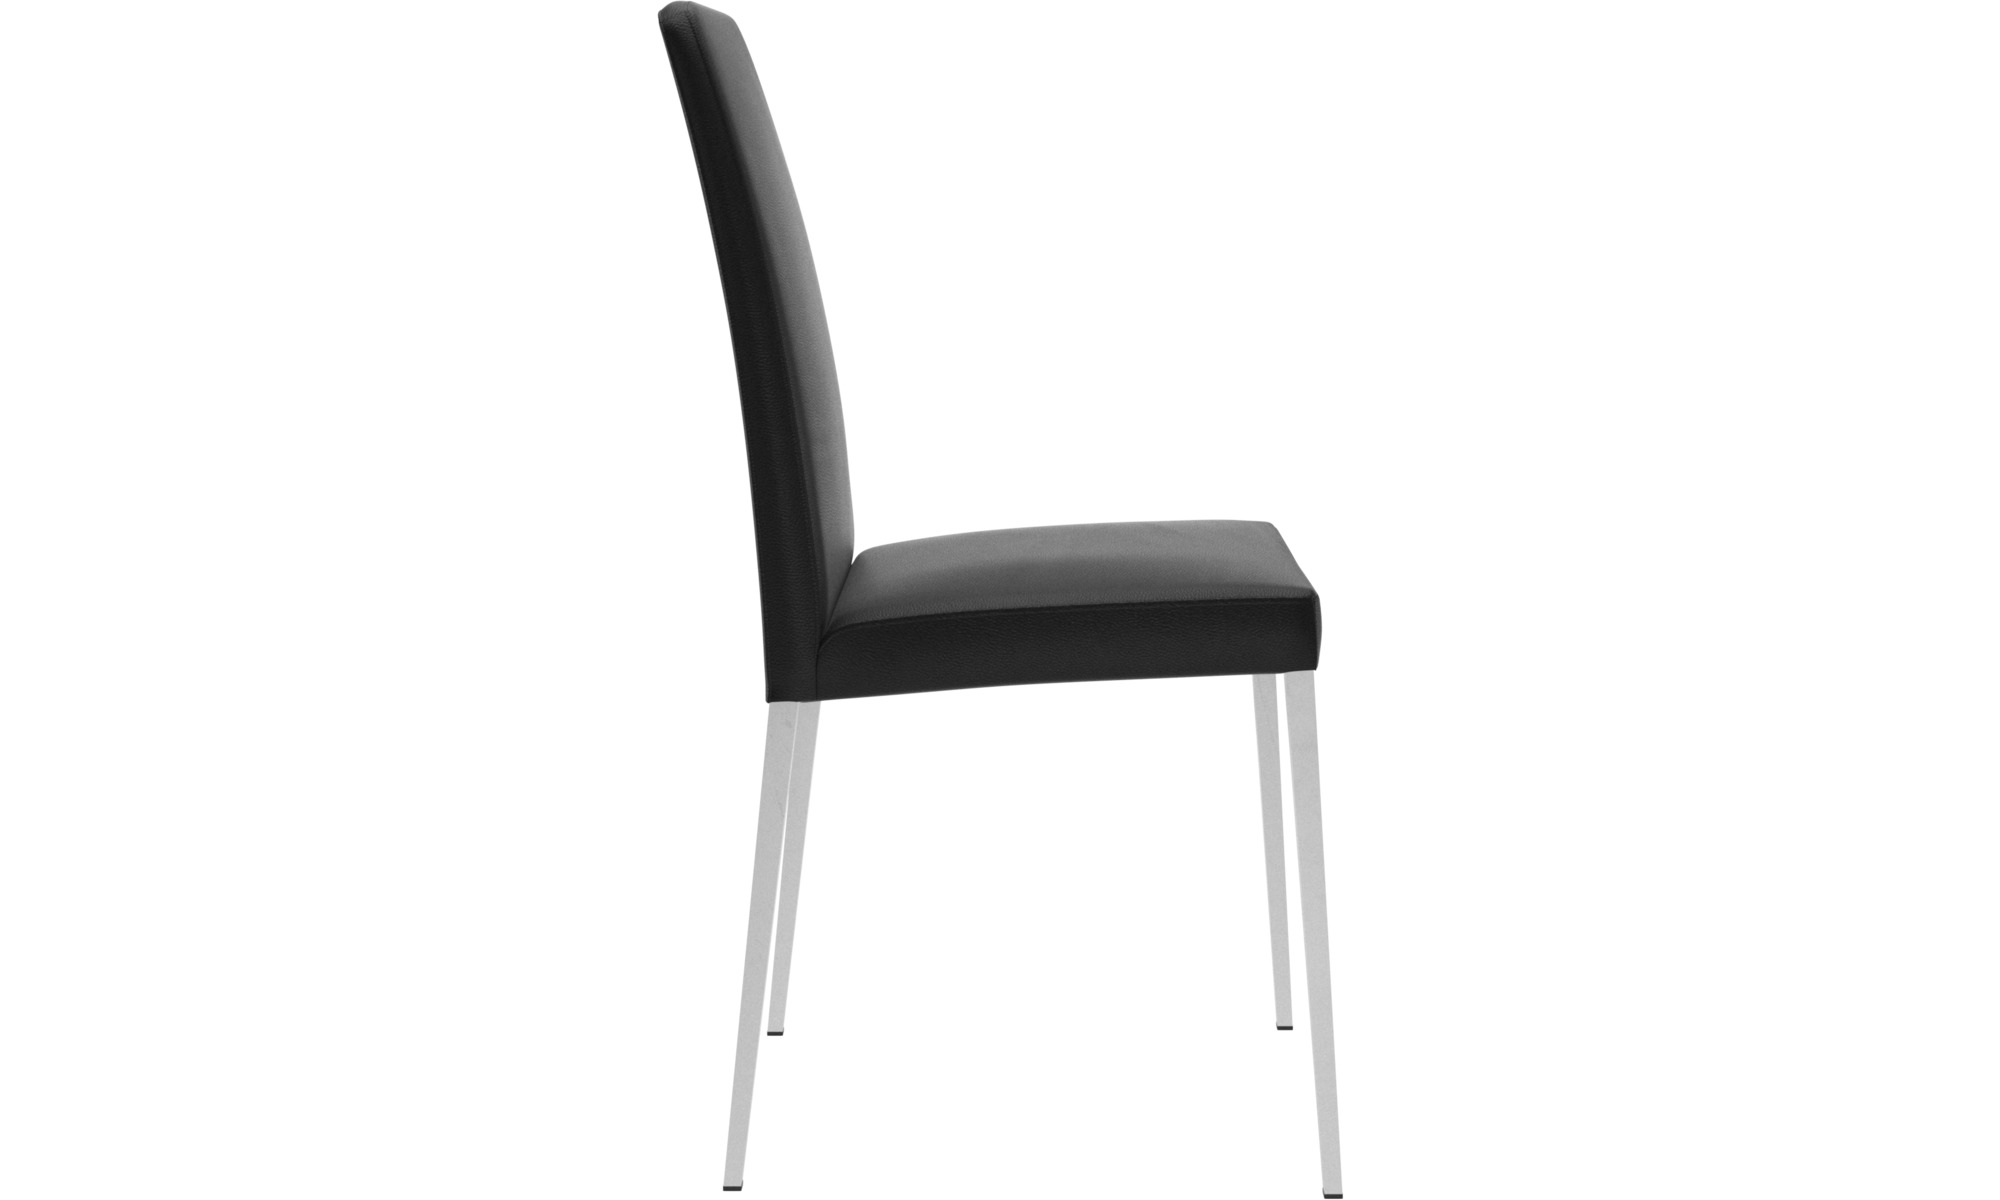 #585754 Chaises De Salle à Manger Chaise Nico BoConcept 4305 chaise salle manger moderne cuir 2000x1200 px @ aertt.com